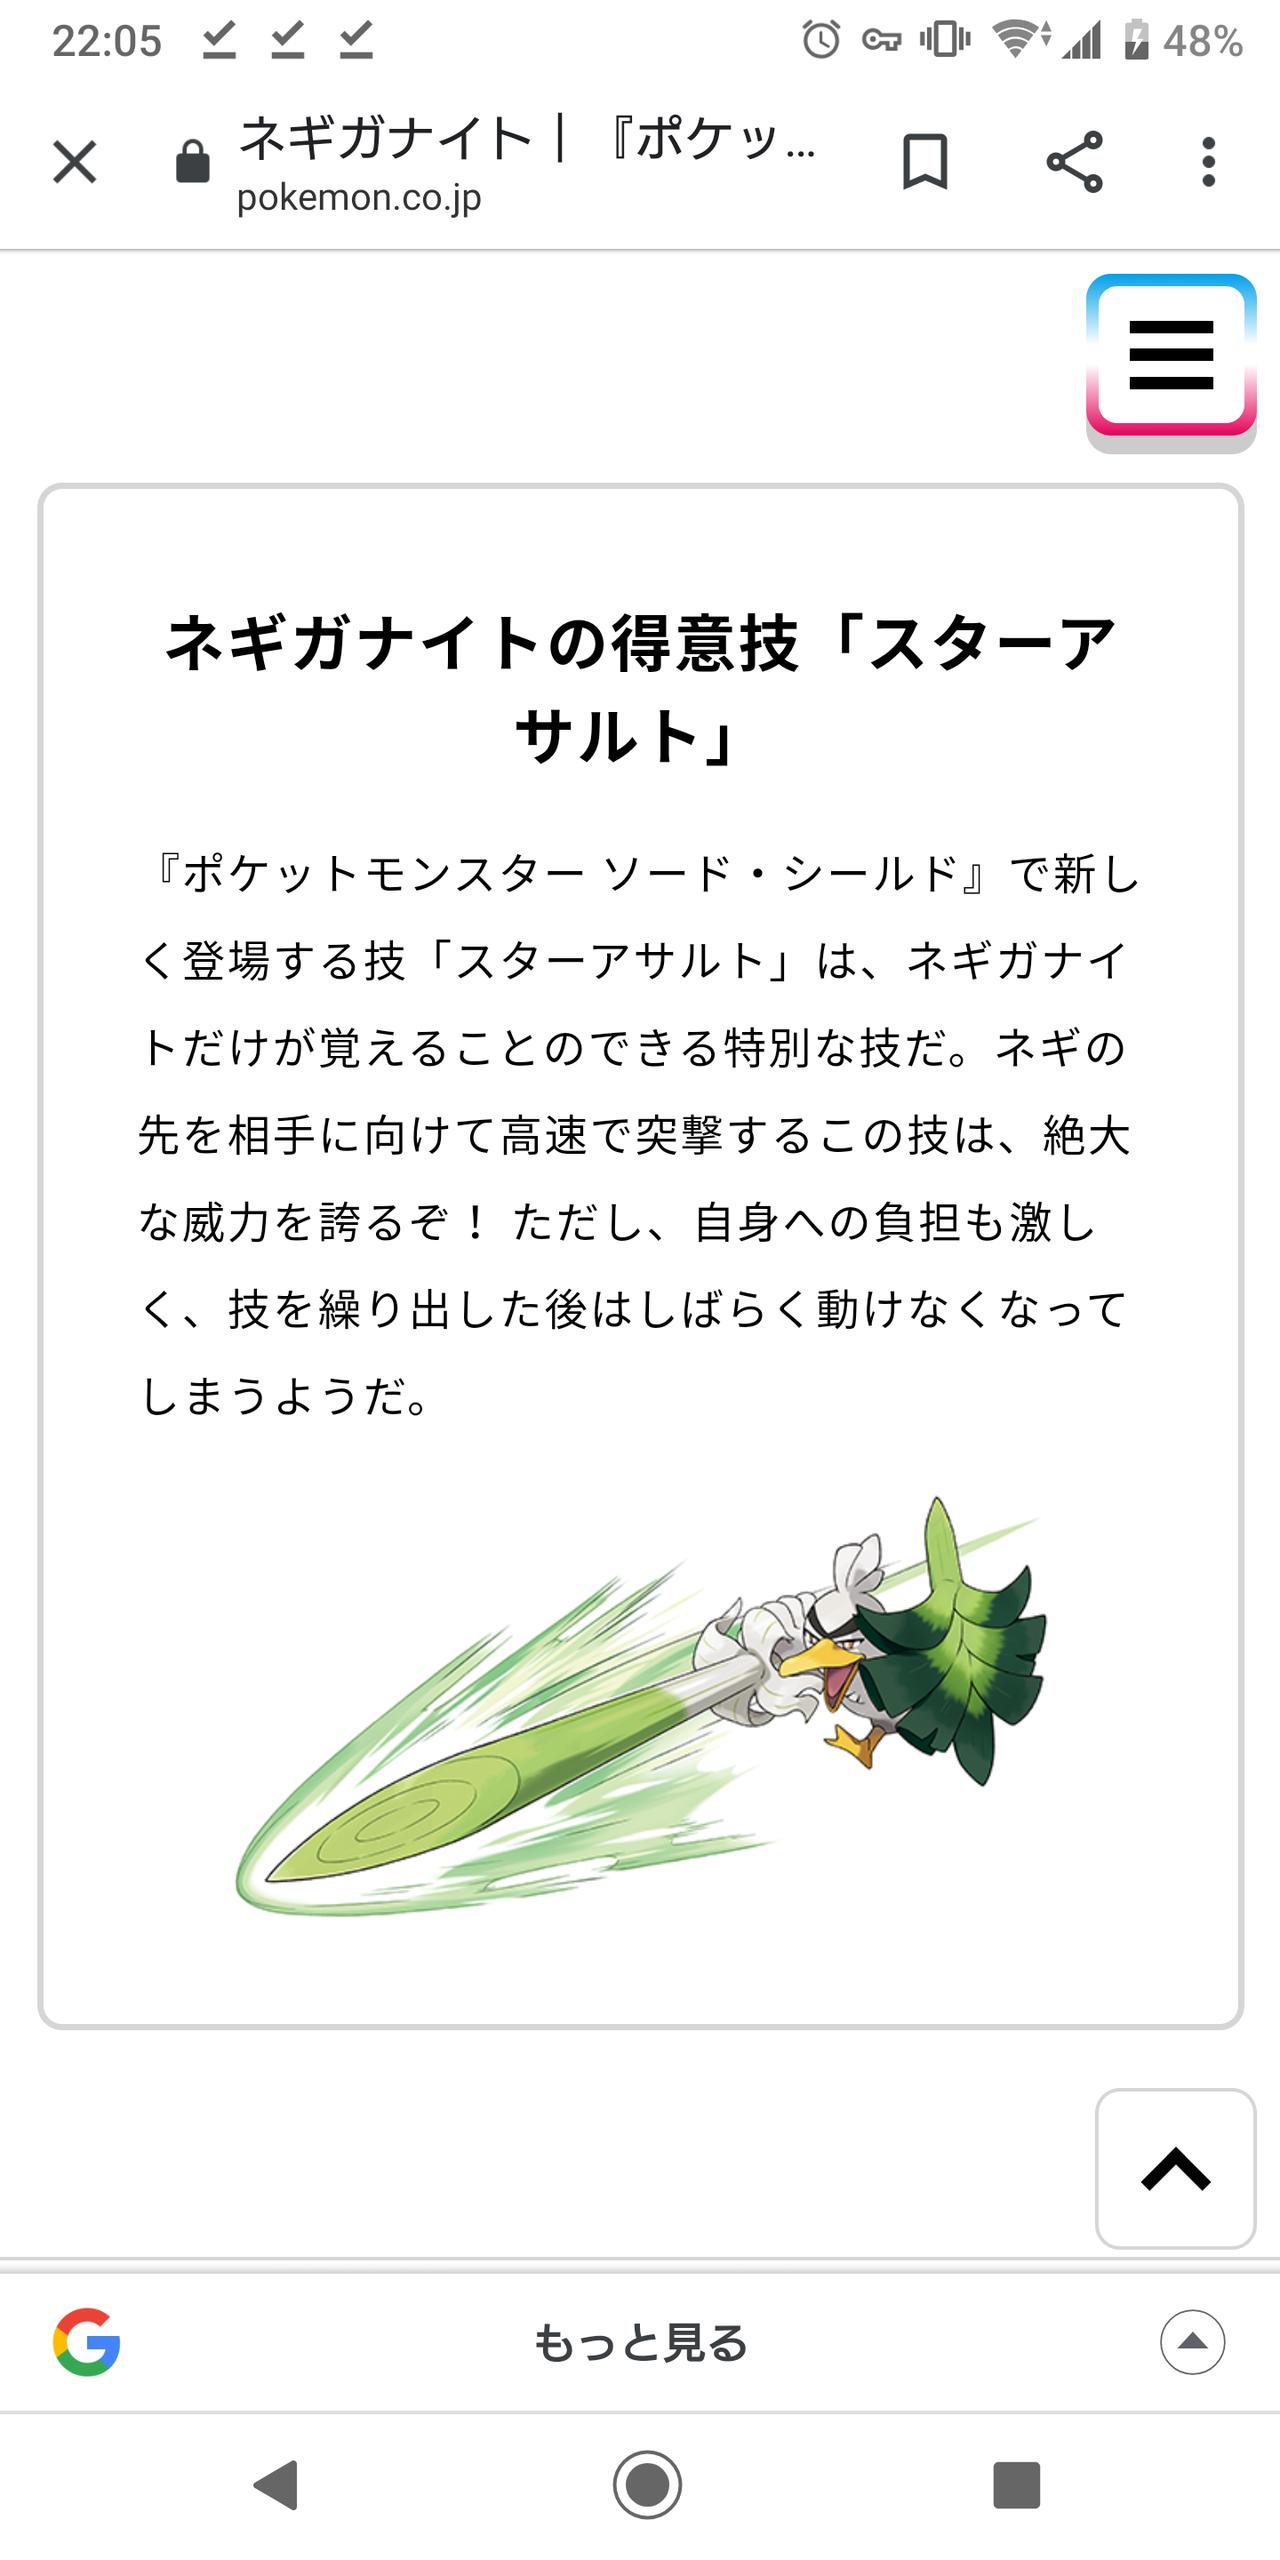 速報】新ポケモン『ネギガナイト』爆誕wwwww【ポケモン剣盾